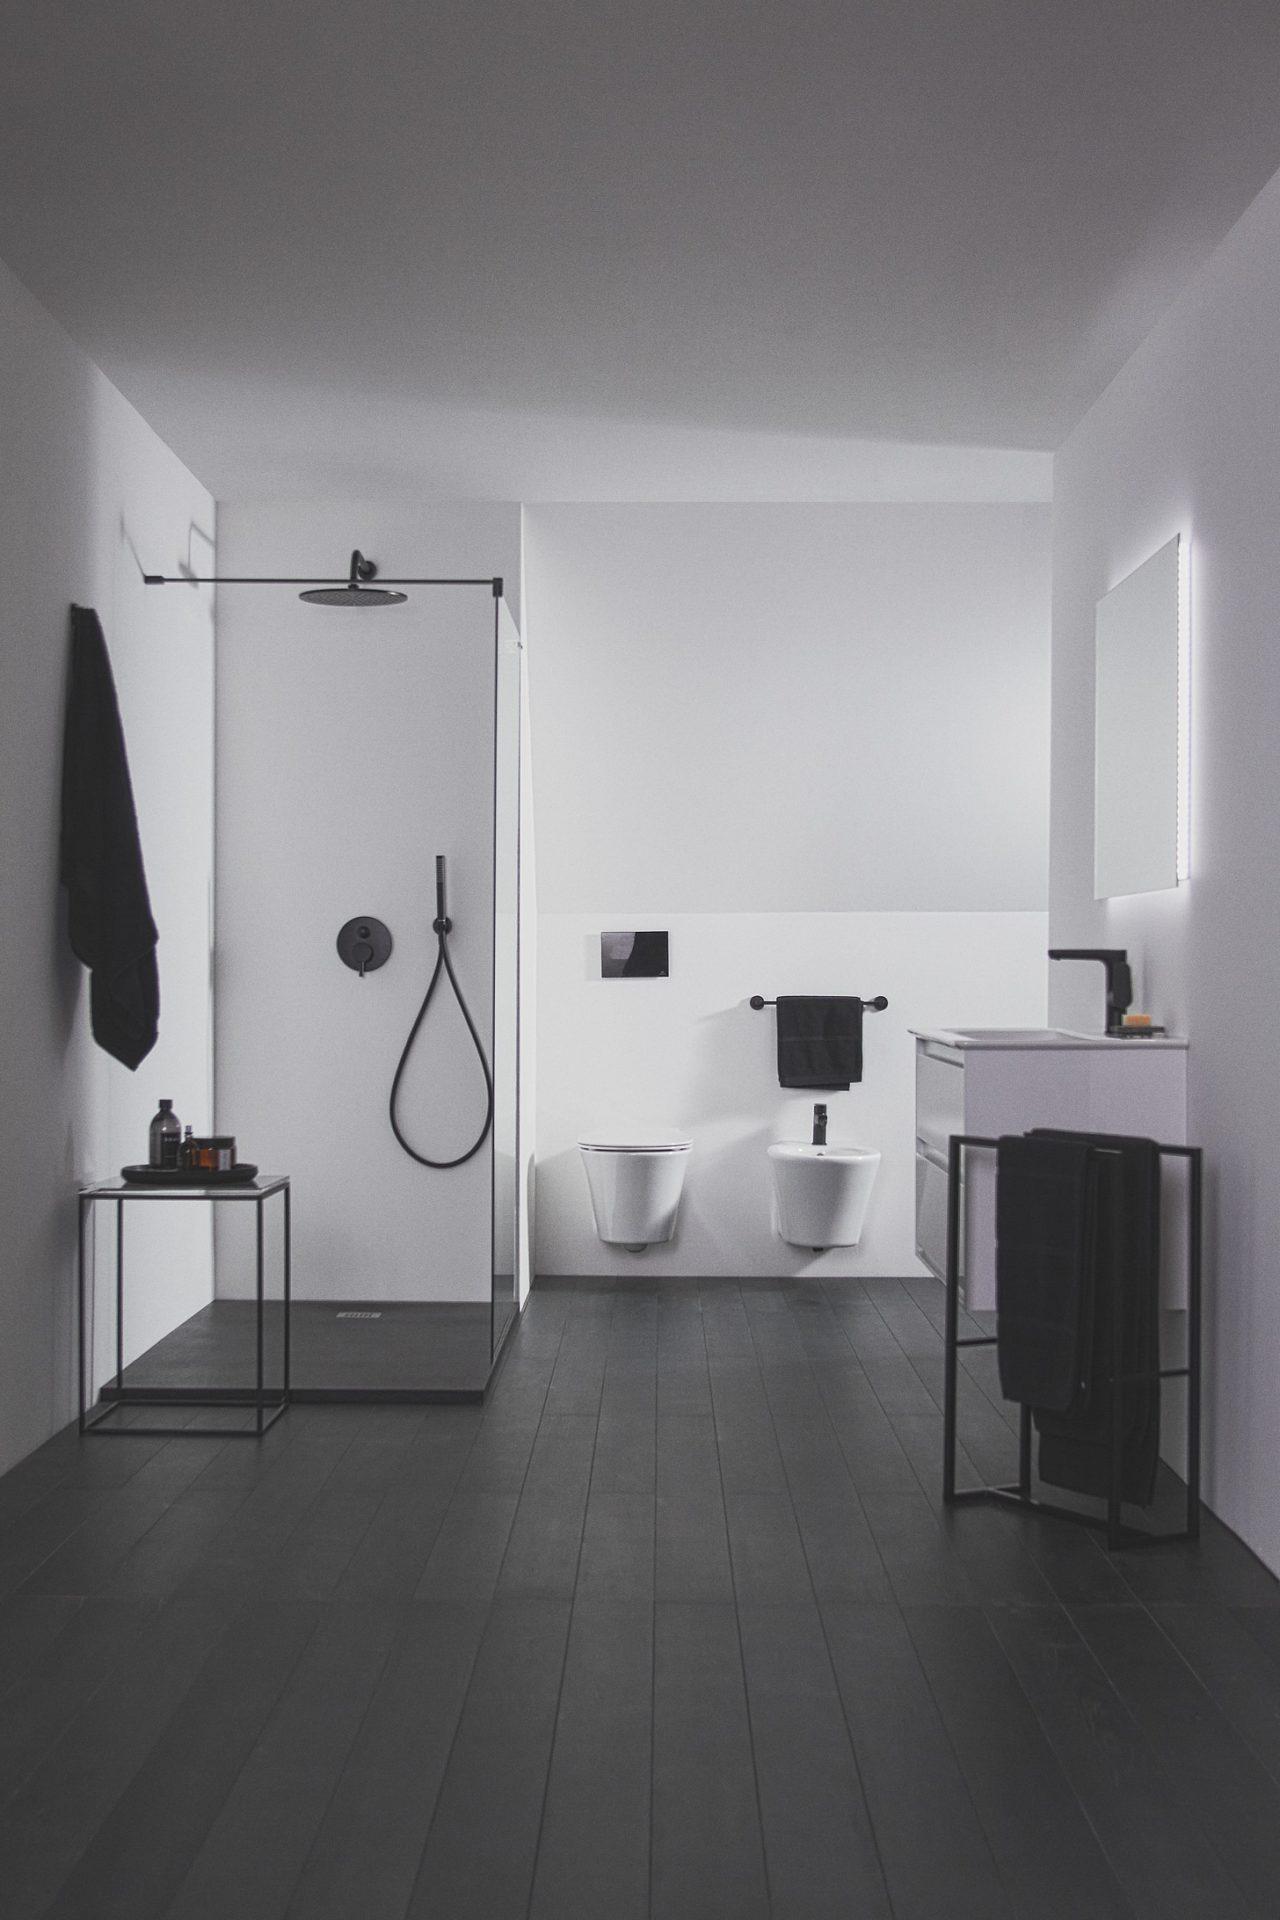 acabado negro seda de  Ideal Standard